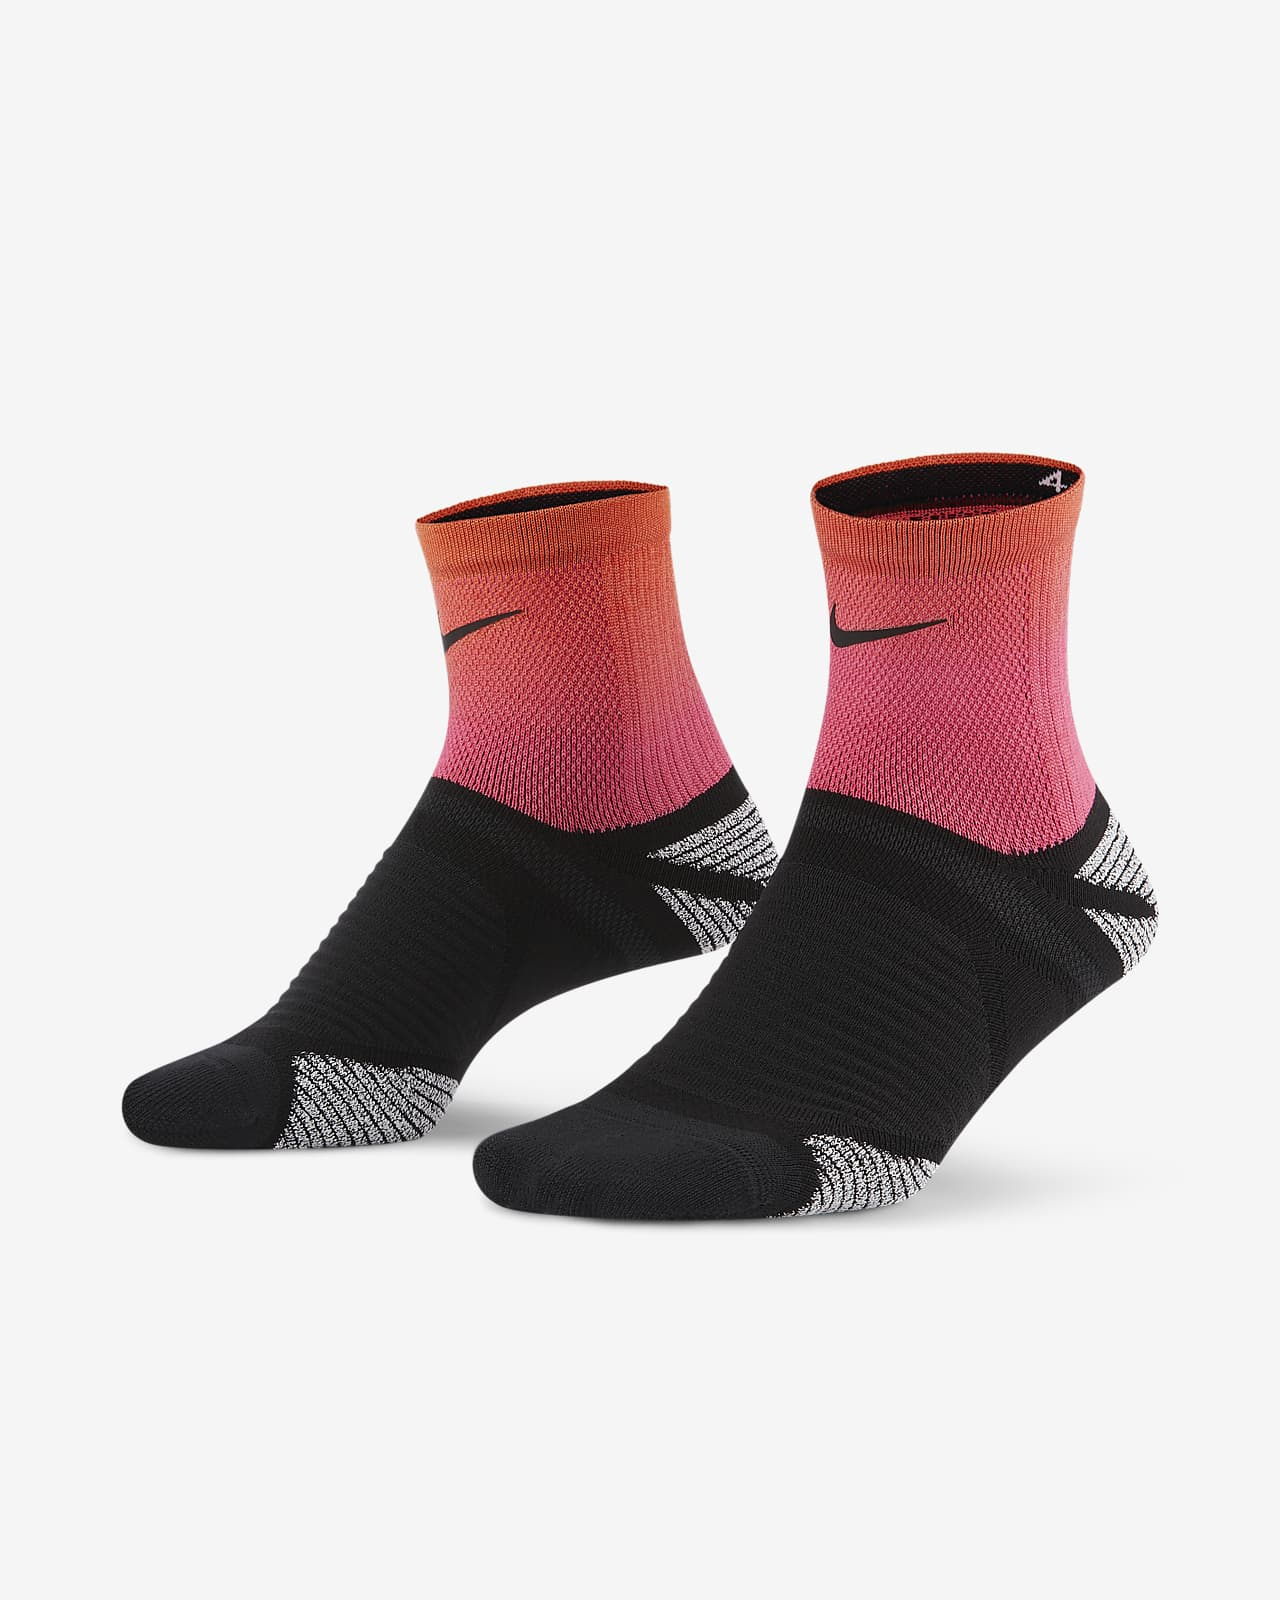 NikeGrip SOS Racing Ankle Socks